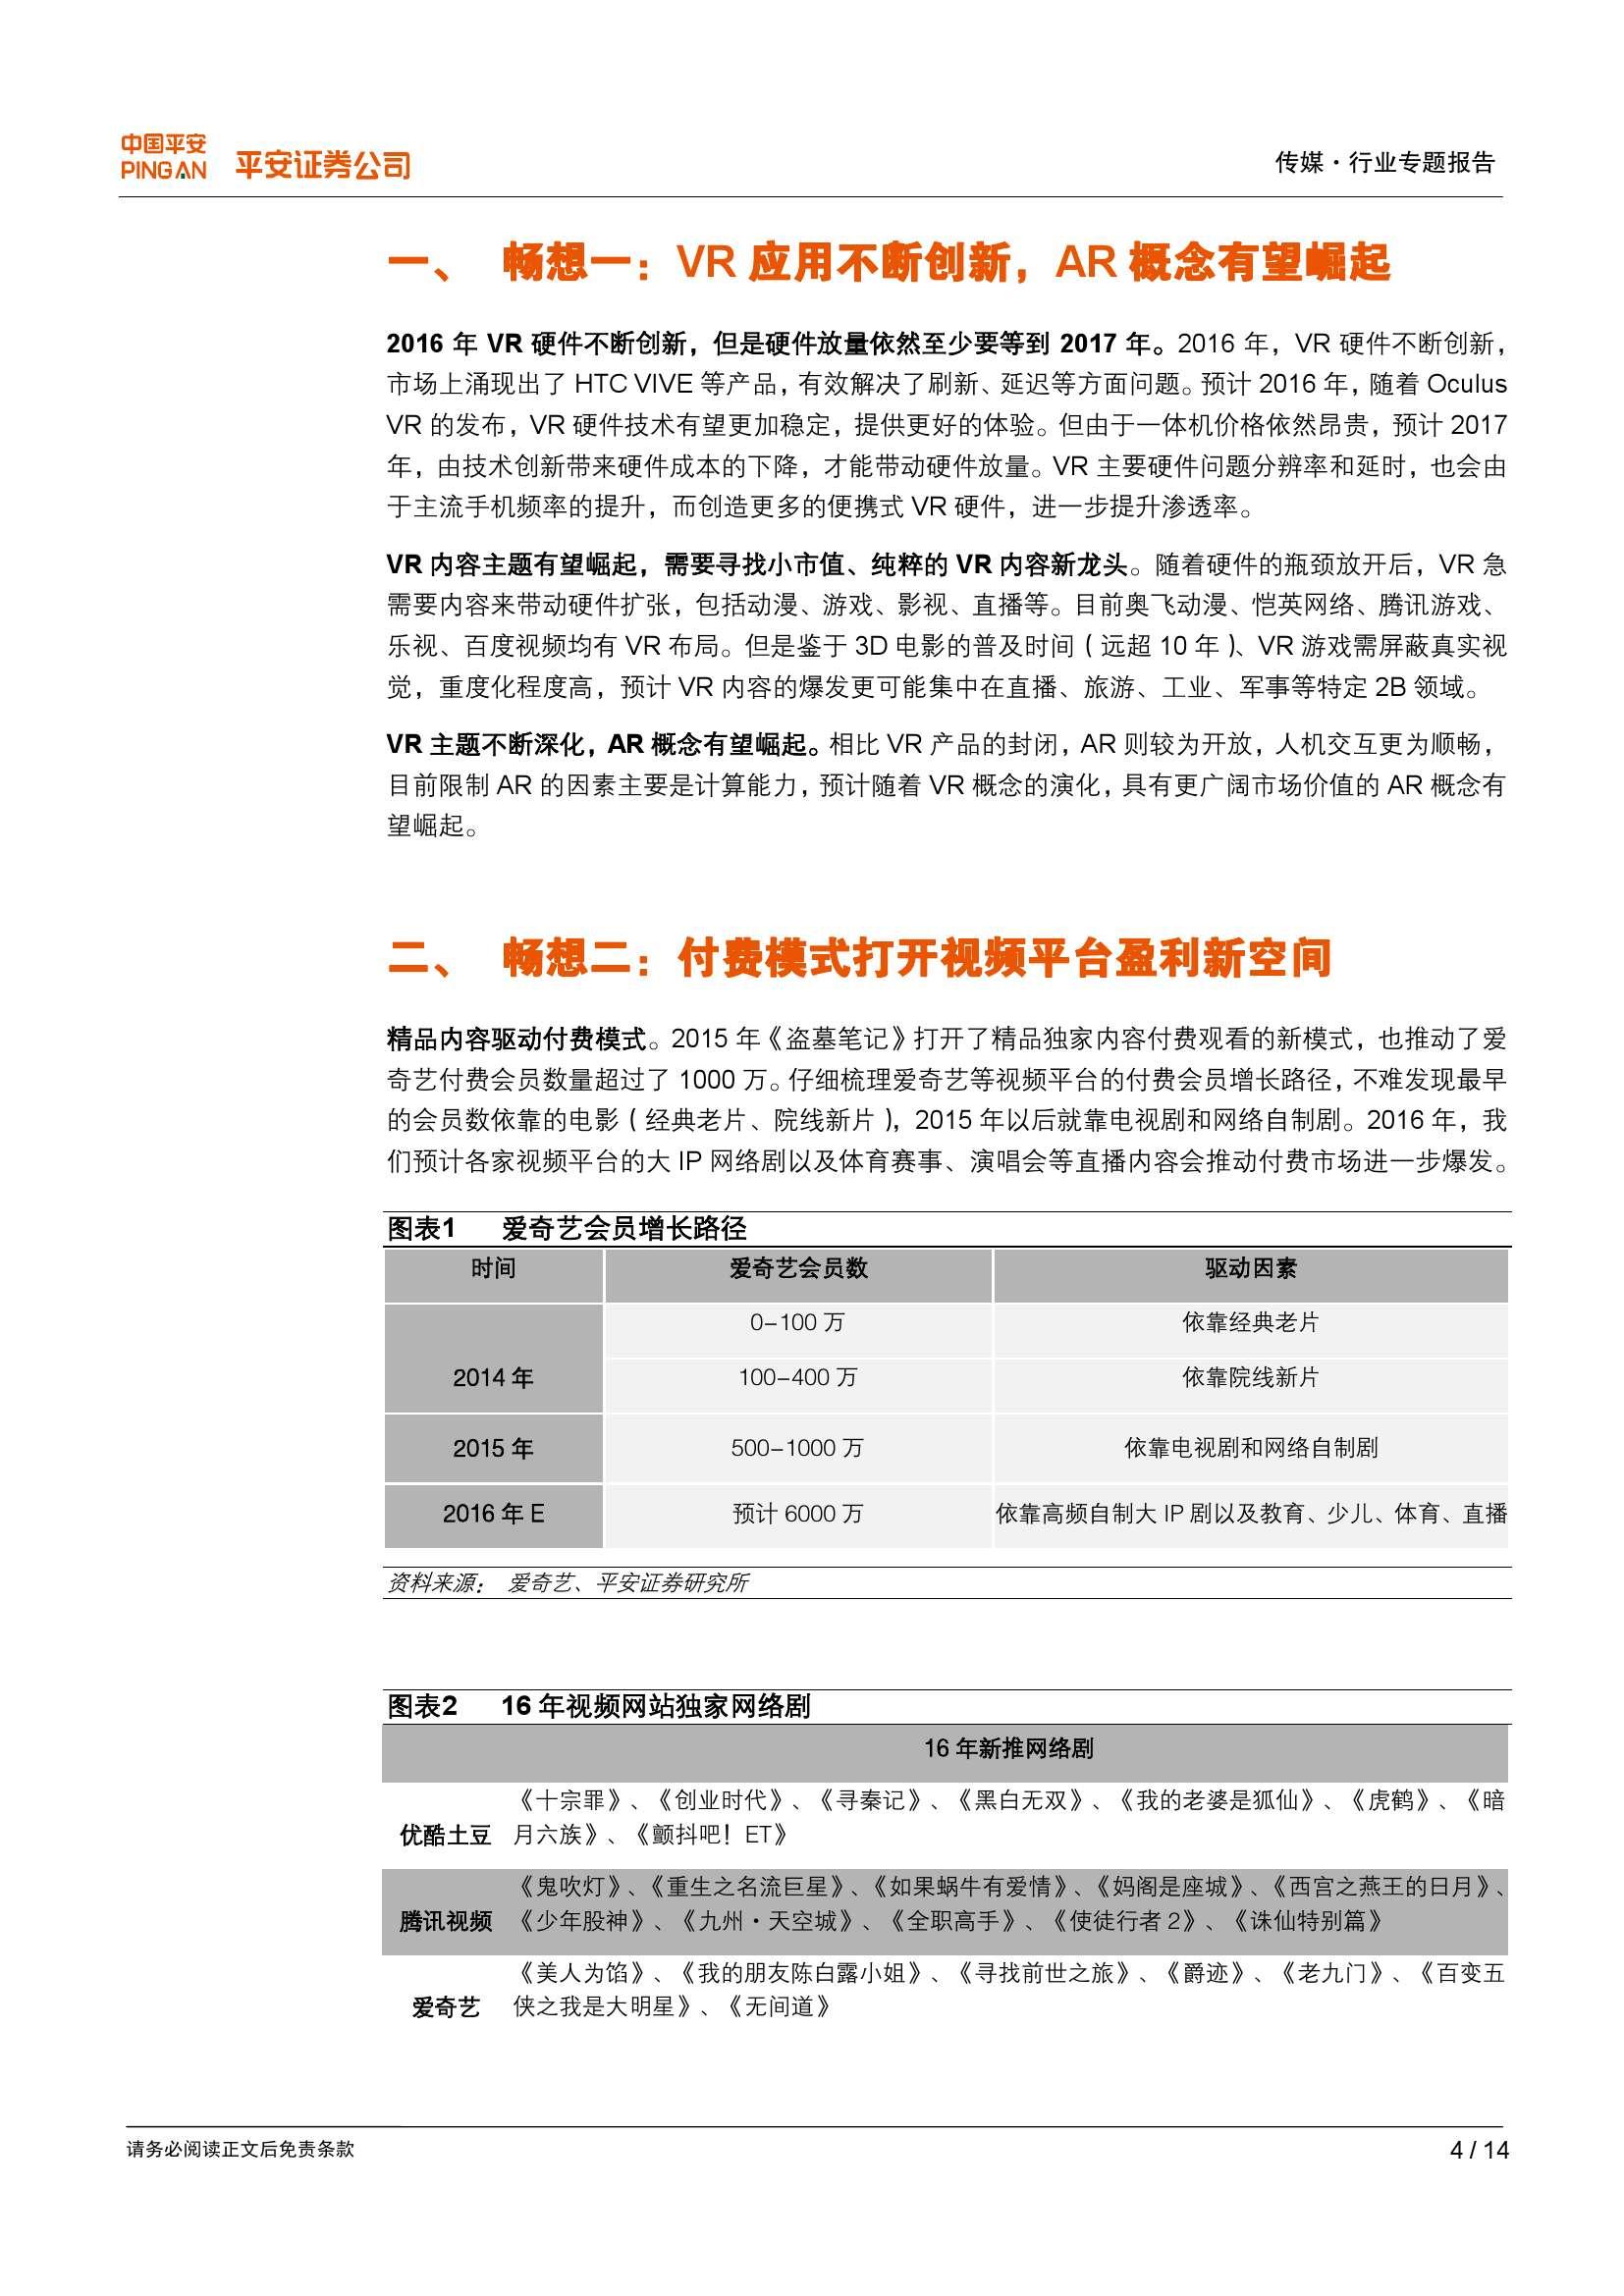 2016年传媒行业10大畅想_000004